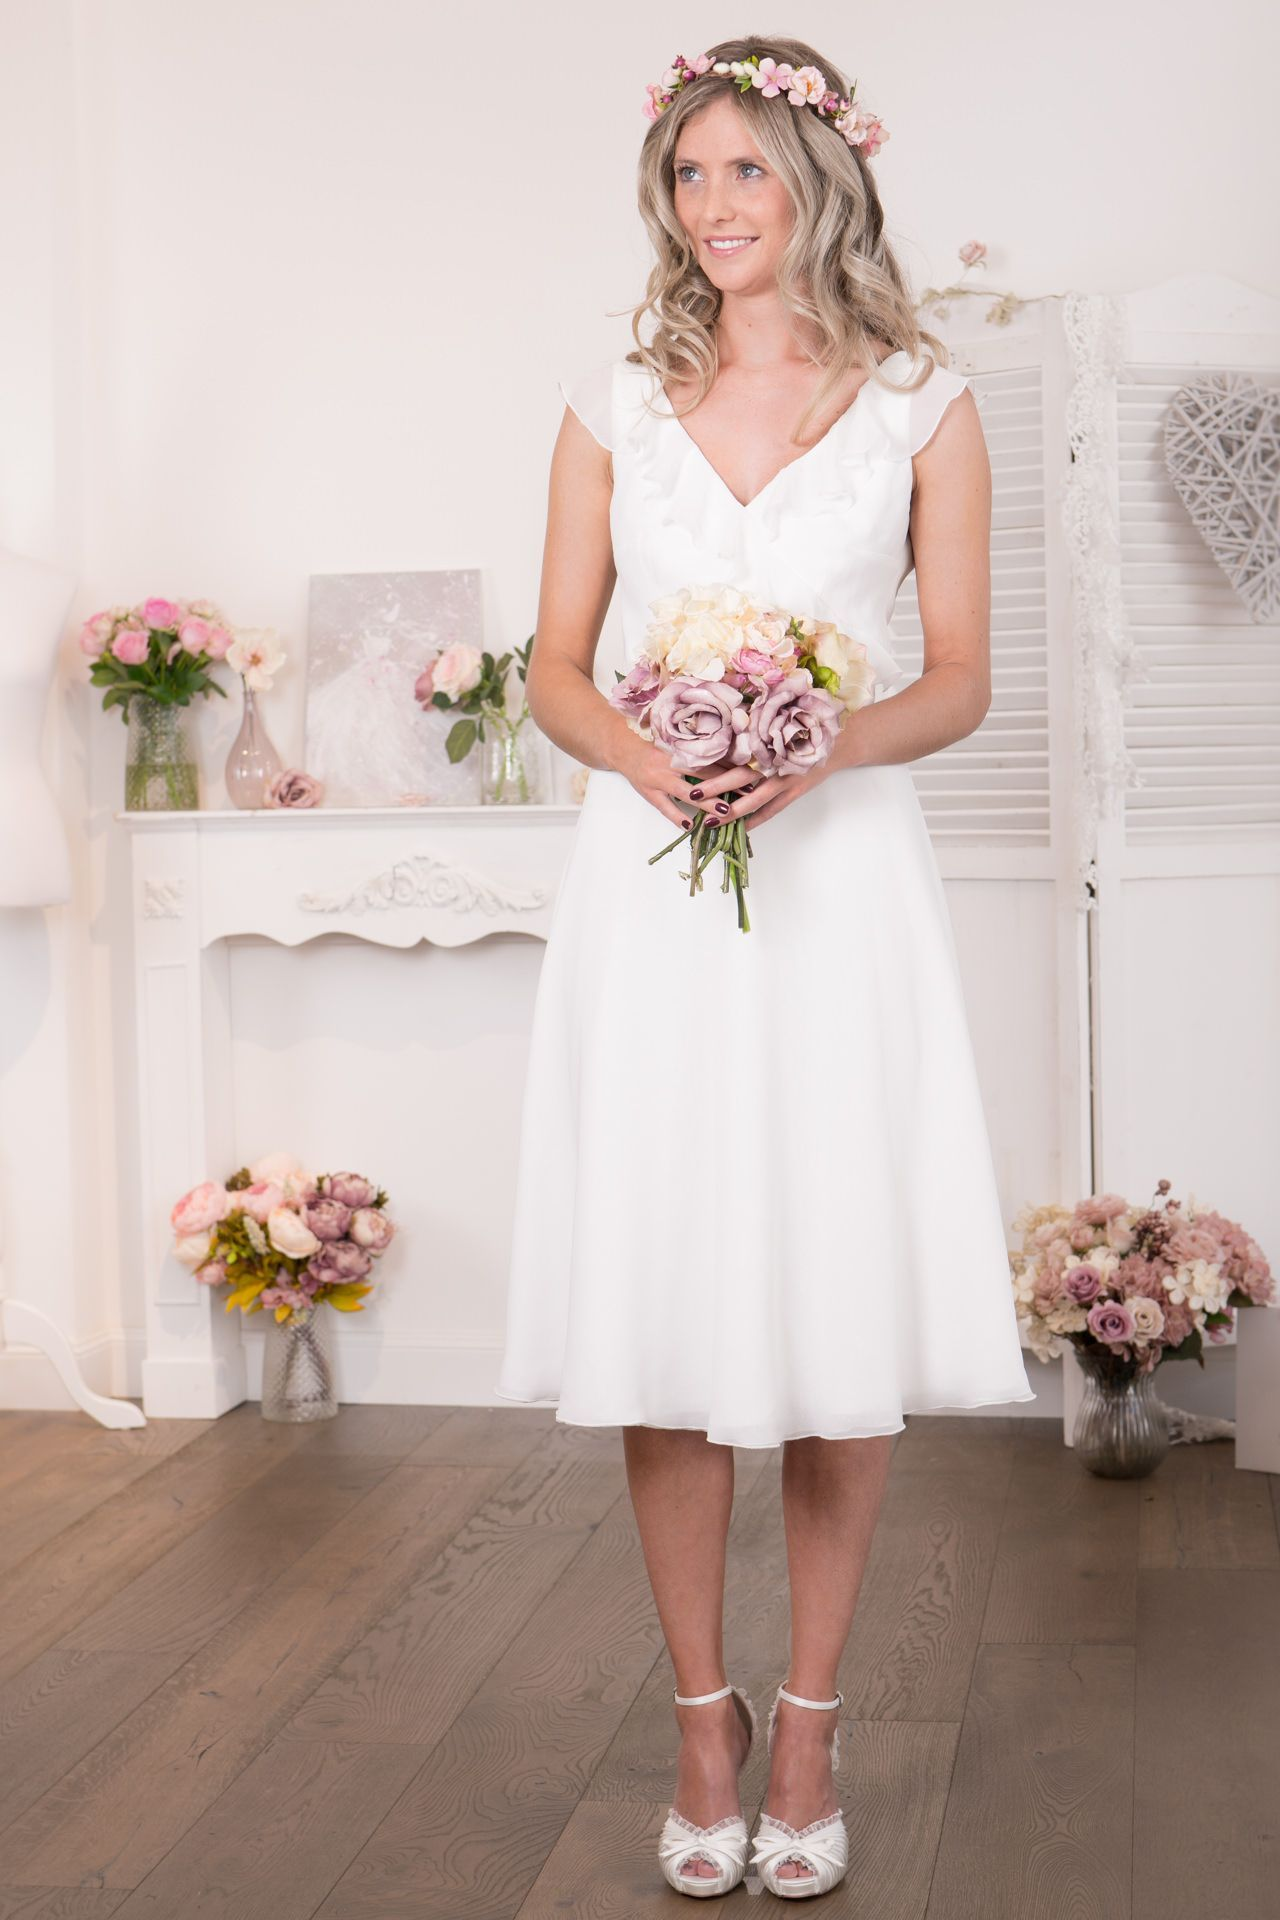 [9+] Standesamtliche Trauung Kleid